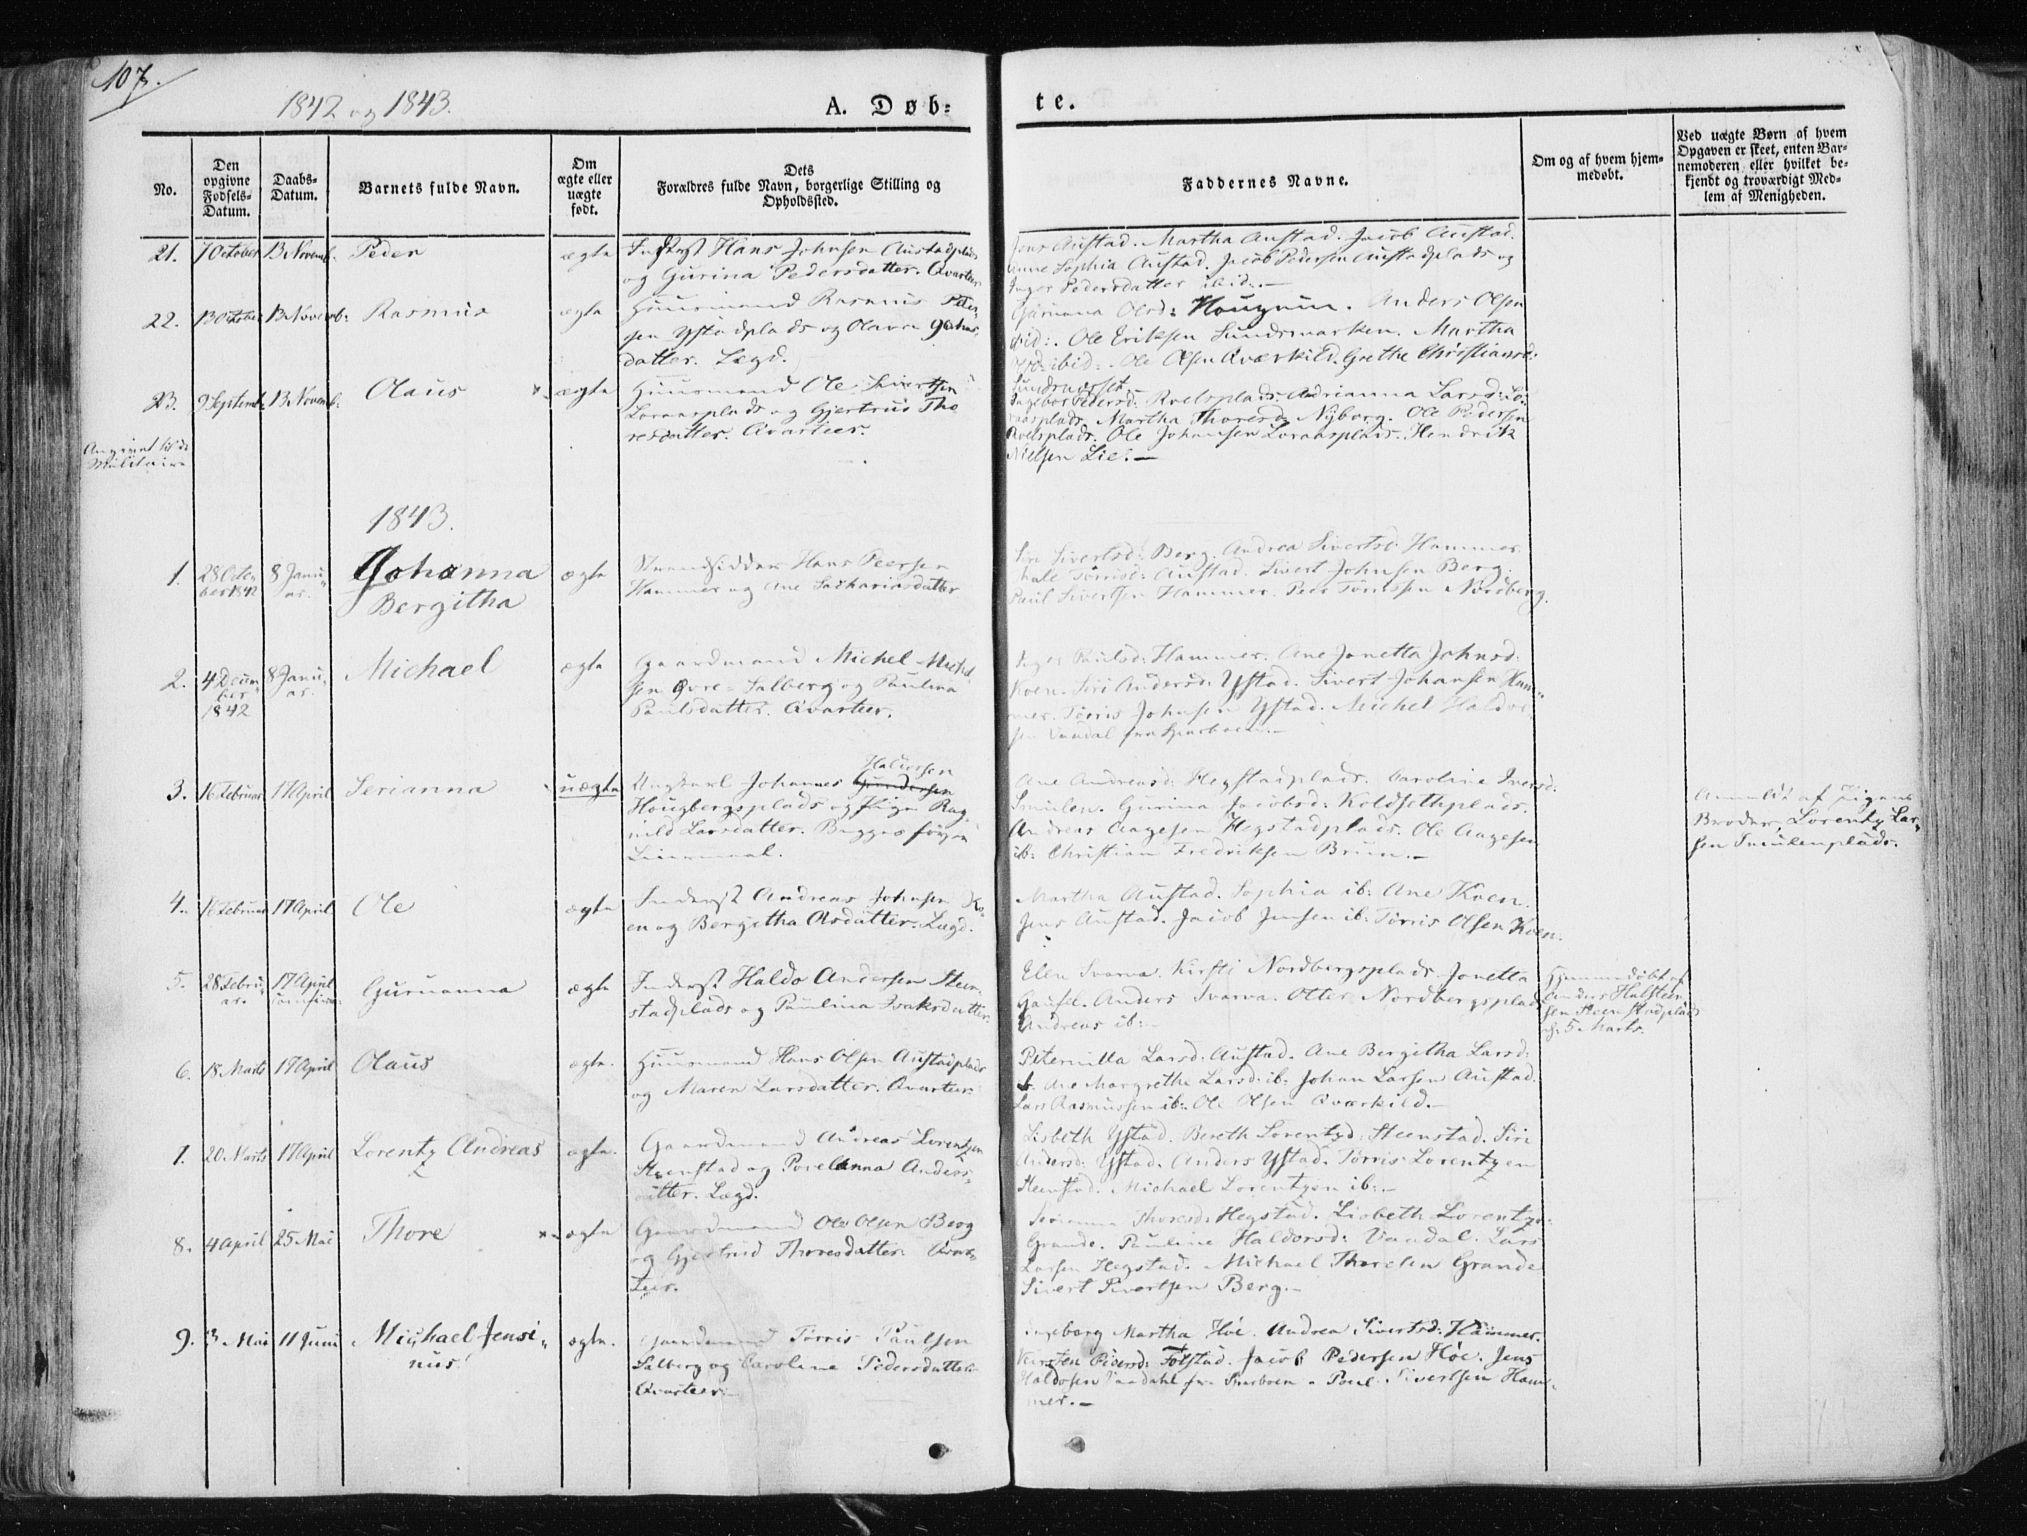 SAT, Ministerialprotokoller, klokkerbøker og fødselsregistre - Nord-Trøndelag, 730/L0280: Ministerialbok nr. 730A07 /2, 1840-1854, s. 107